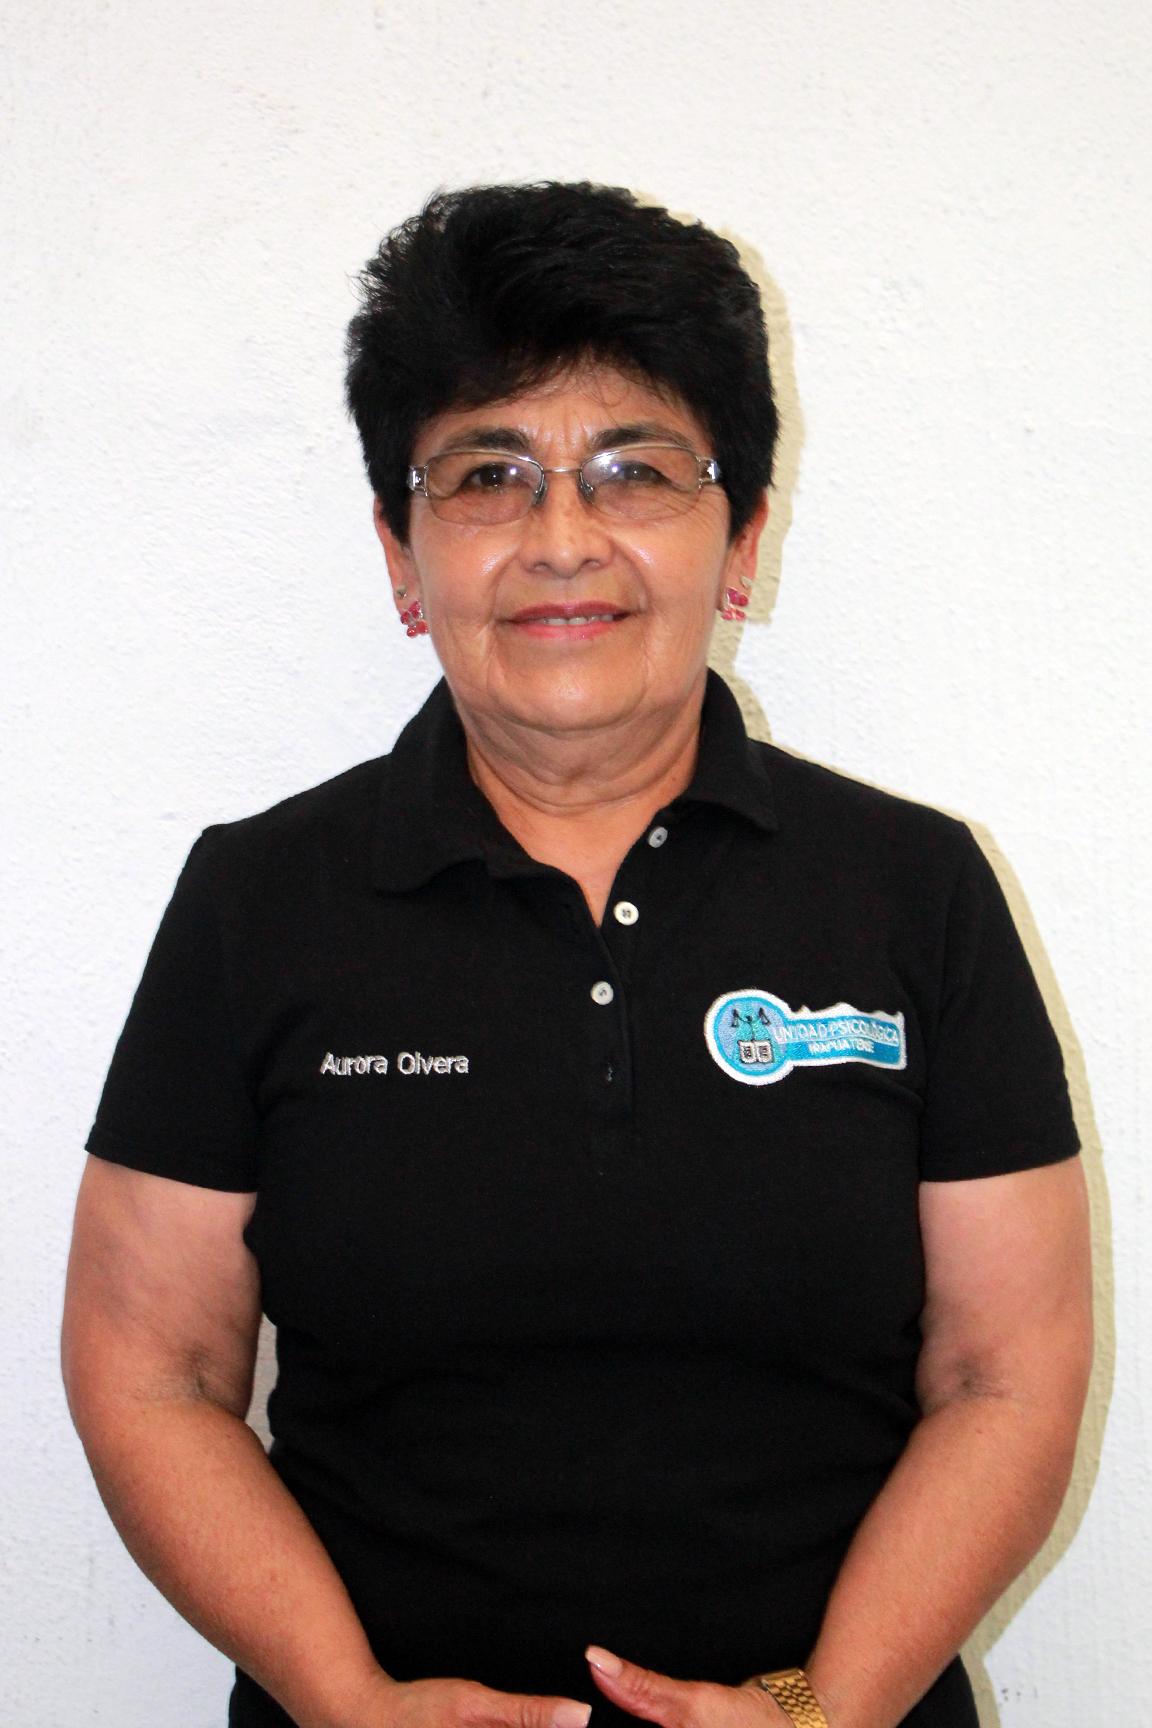 Aurora Olvera González